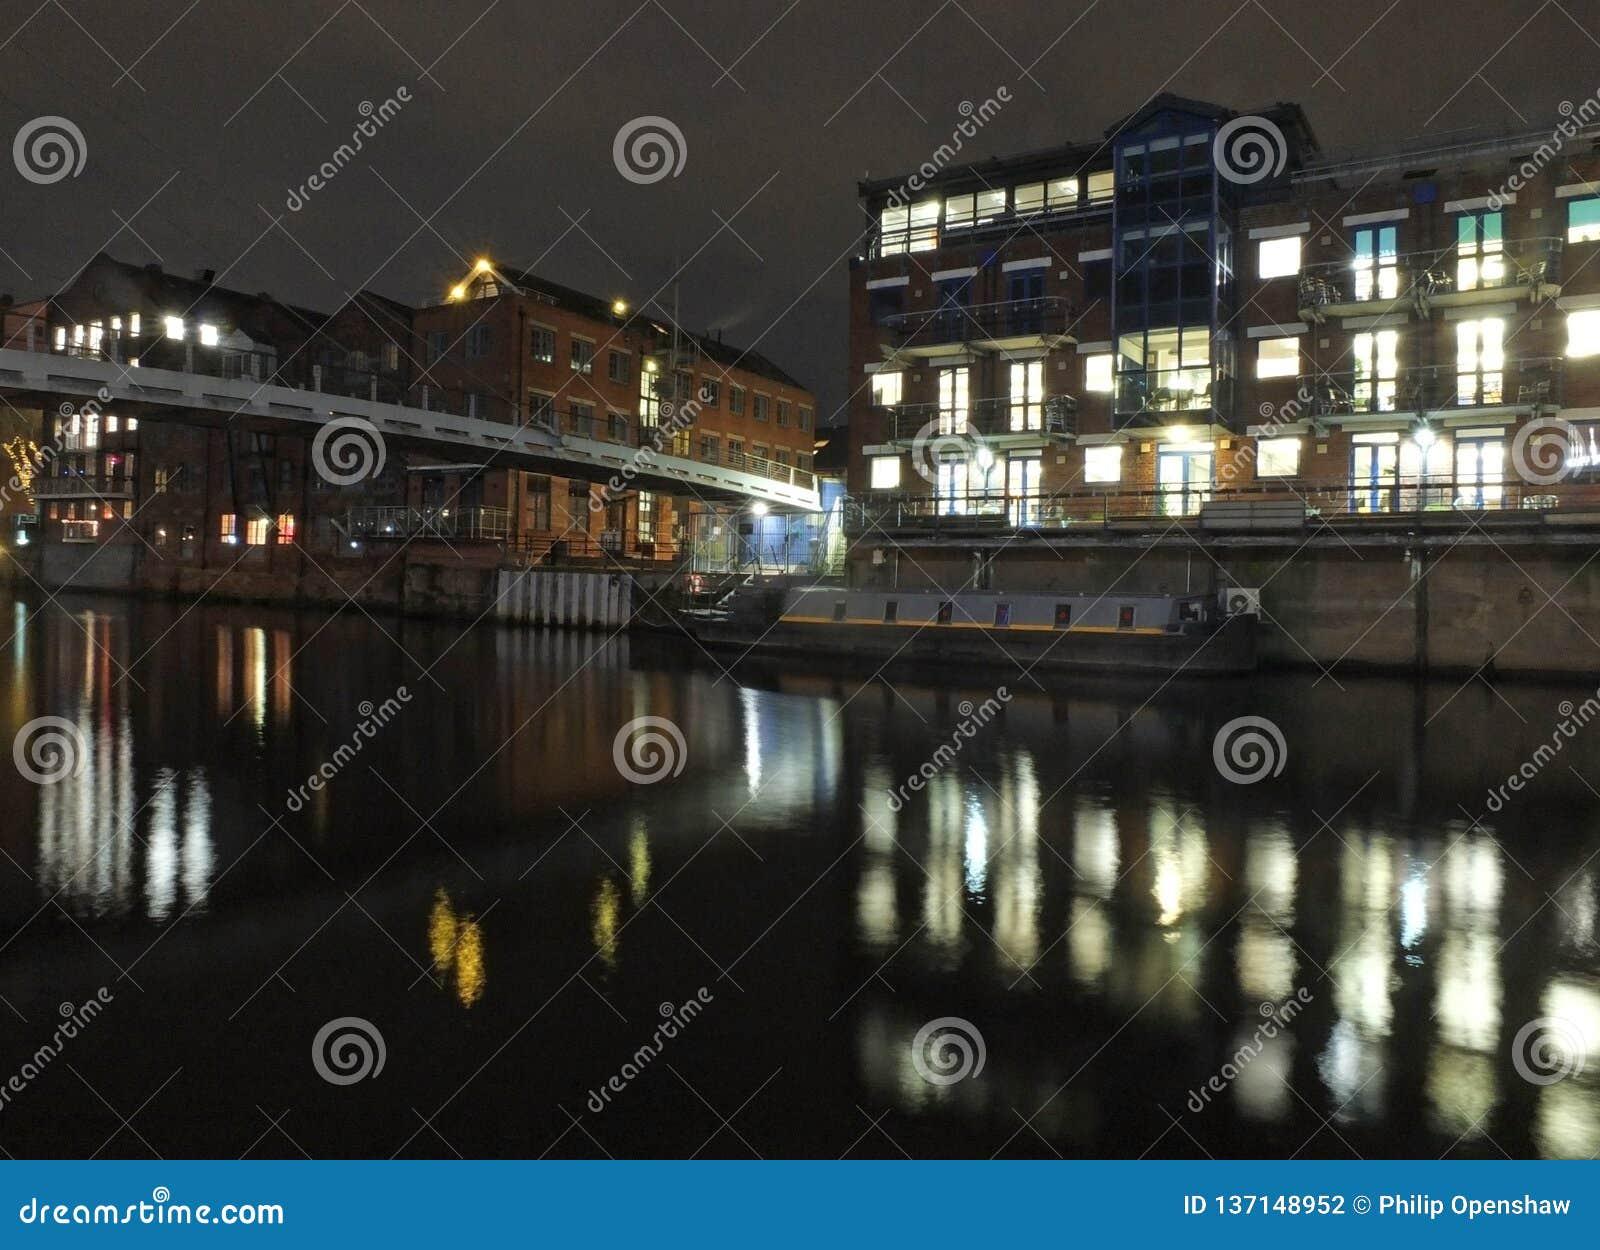 Chiamate che atterrano sul fiume Aire a Leeds alla notte con le luci di vecchie costruzioni storiche e gli appartamenti riflessi